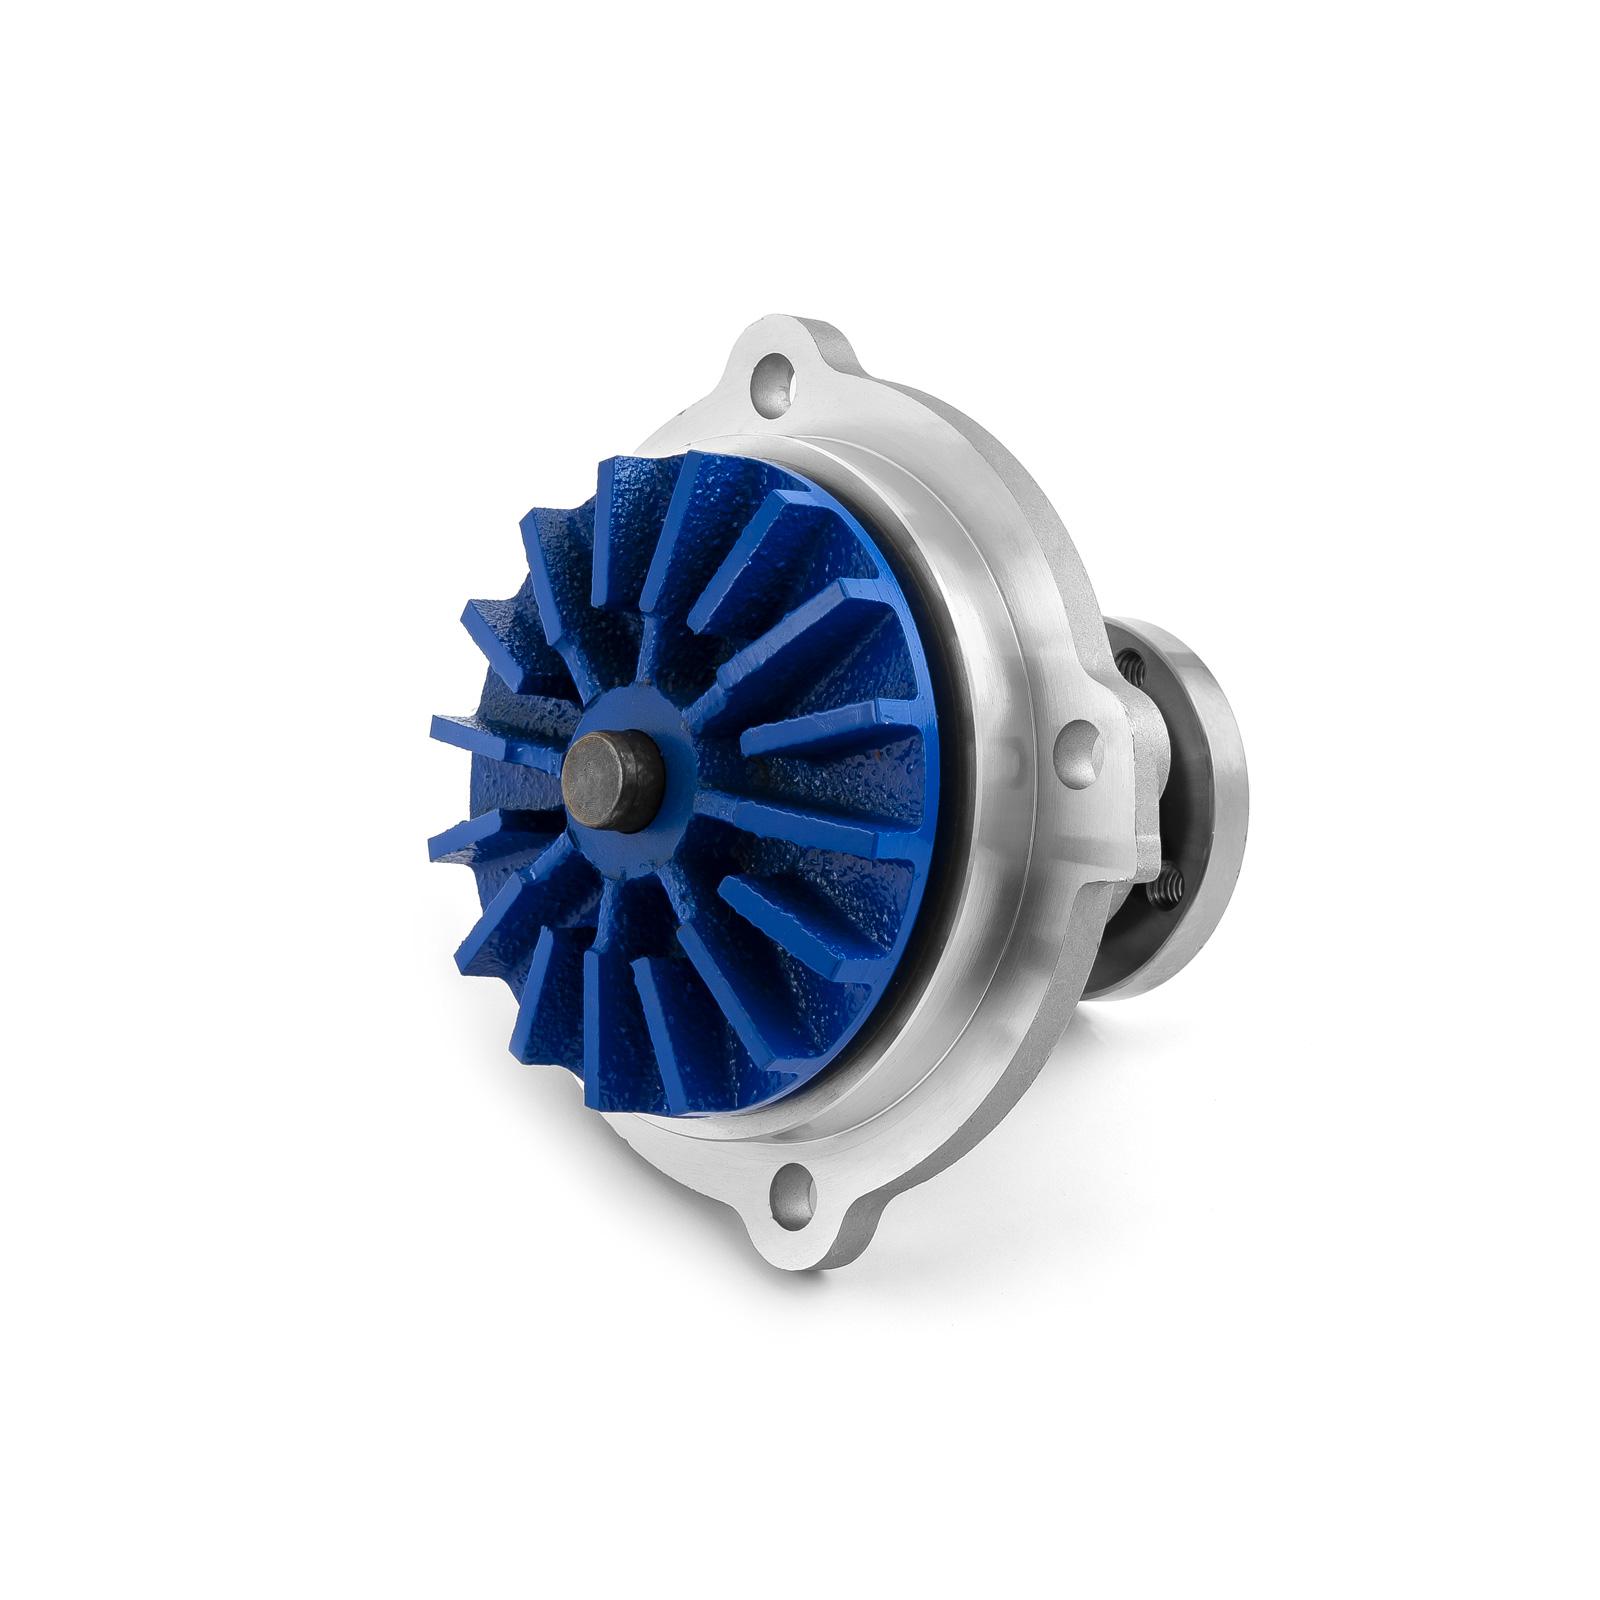 Chrysler Mopar BB 360 383 440 High Volume Aluminum Long Water Pump (Motor Ony)